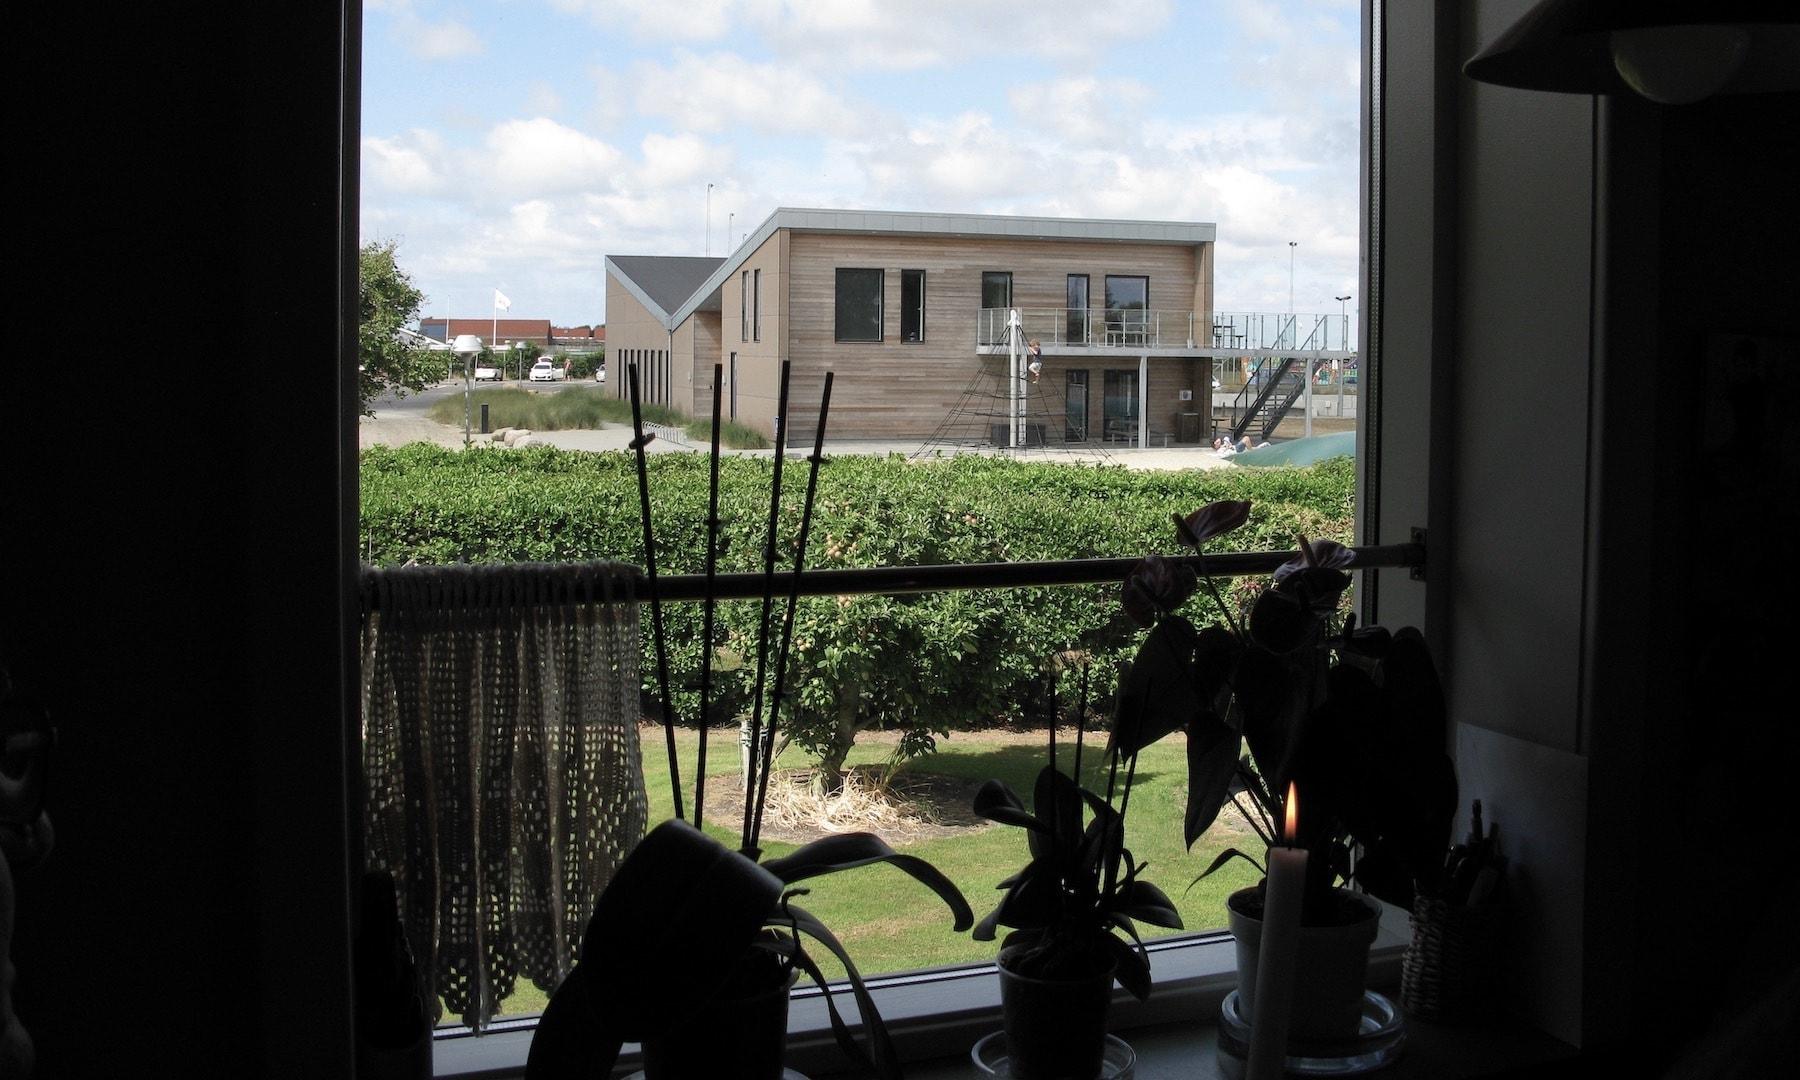 Fra spisekrogen i Kristen Mose Enevoldsens hus er der udsyn til det nyopførte Missionshus i Hvide Sande